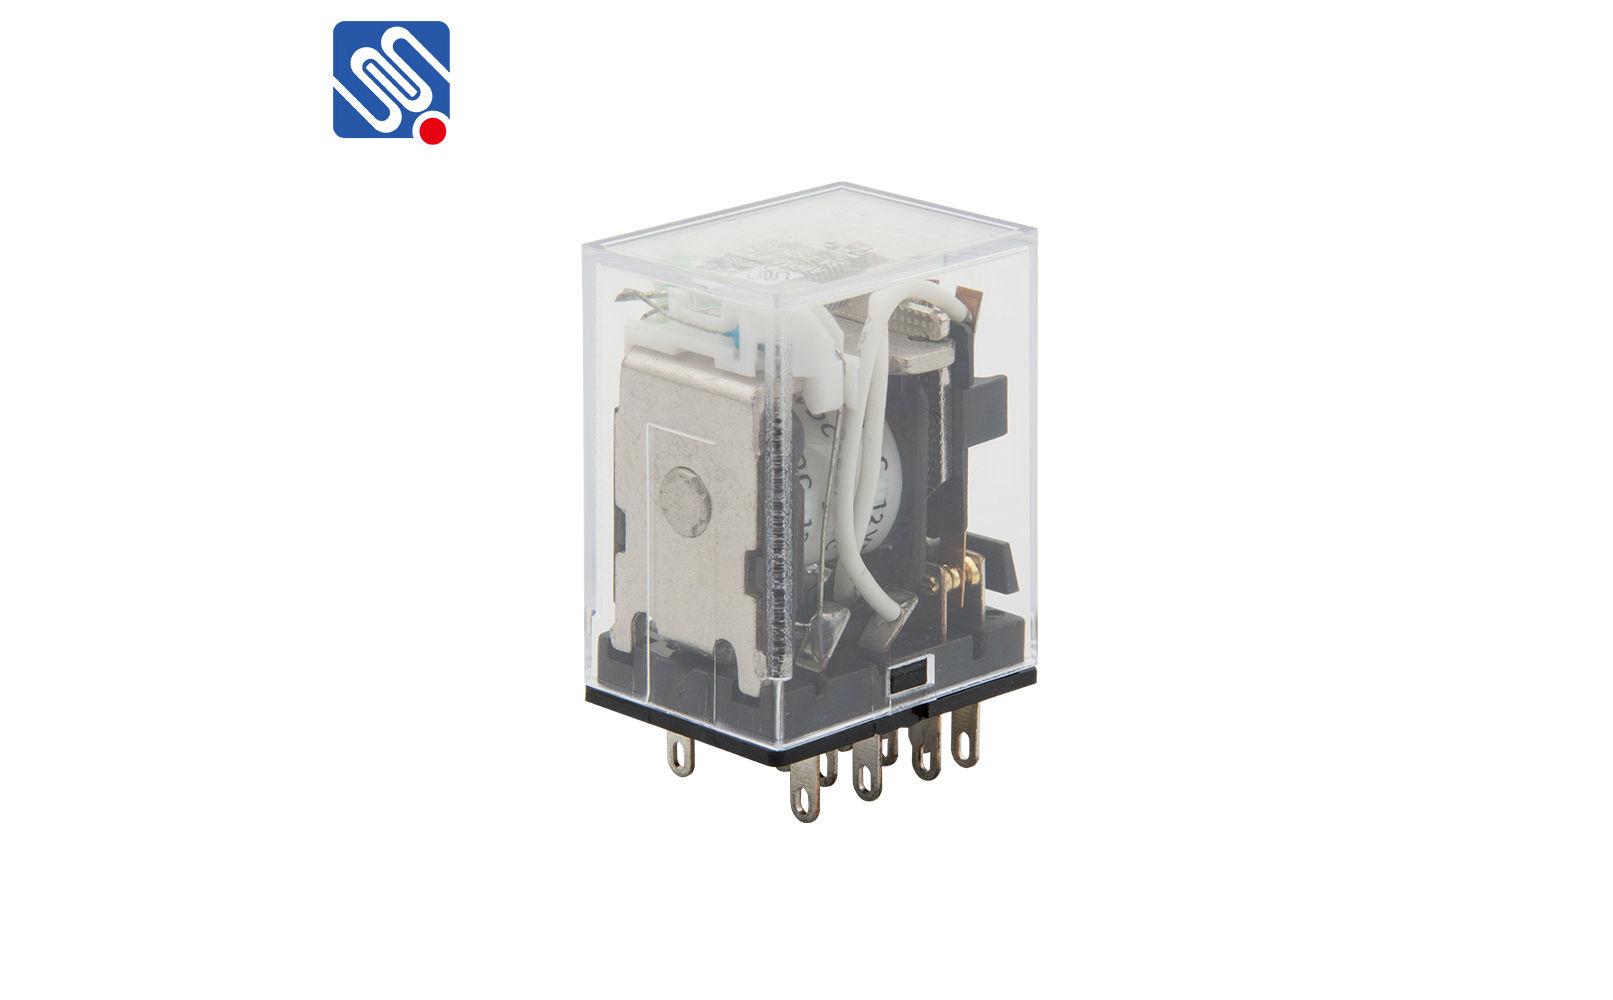 Relay 12v Dc Mpm 412d C D Meishuoen Fuse Box Enclosure Parameter